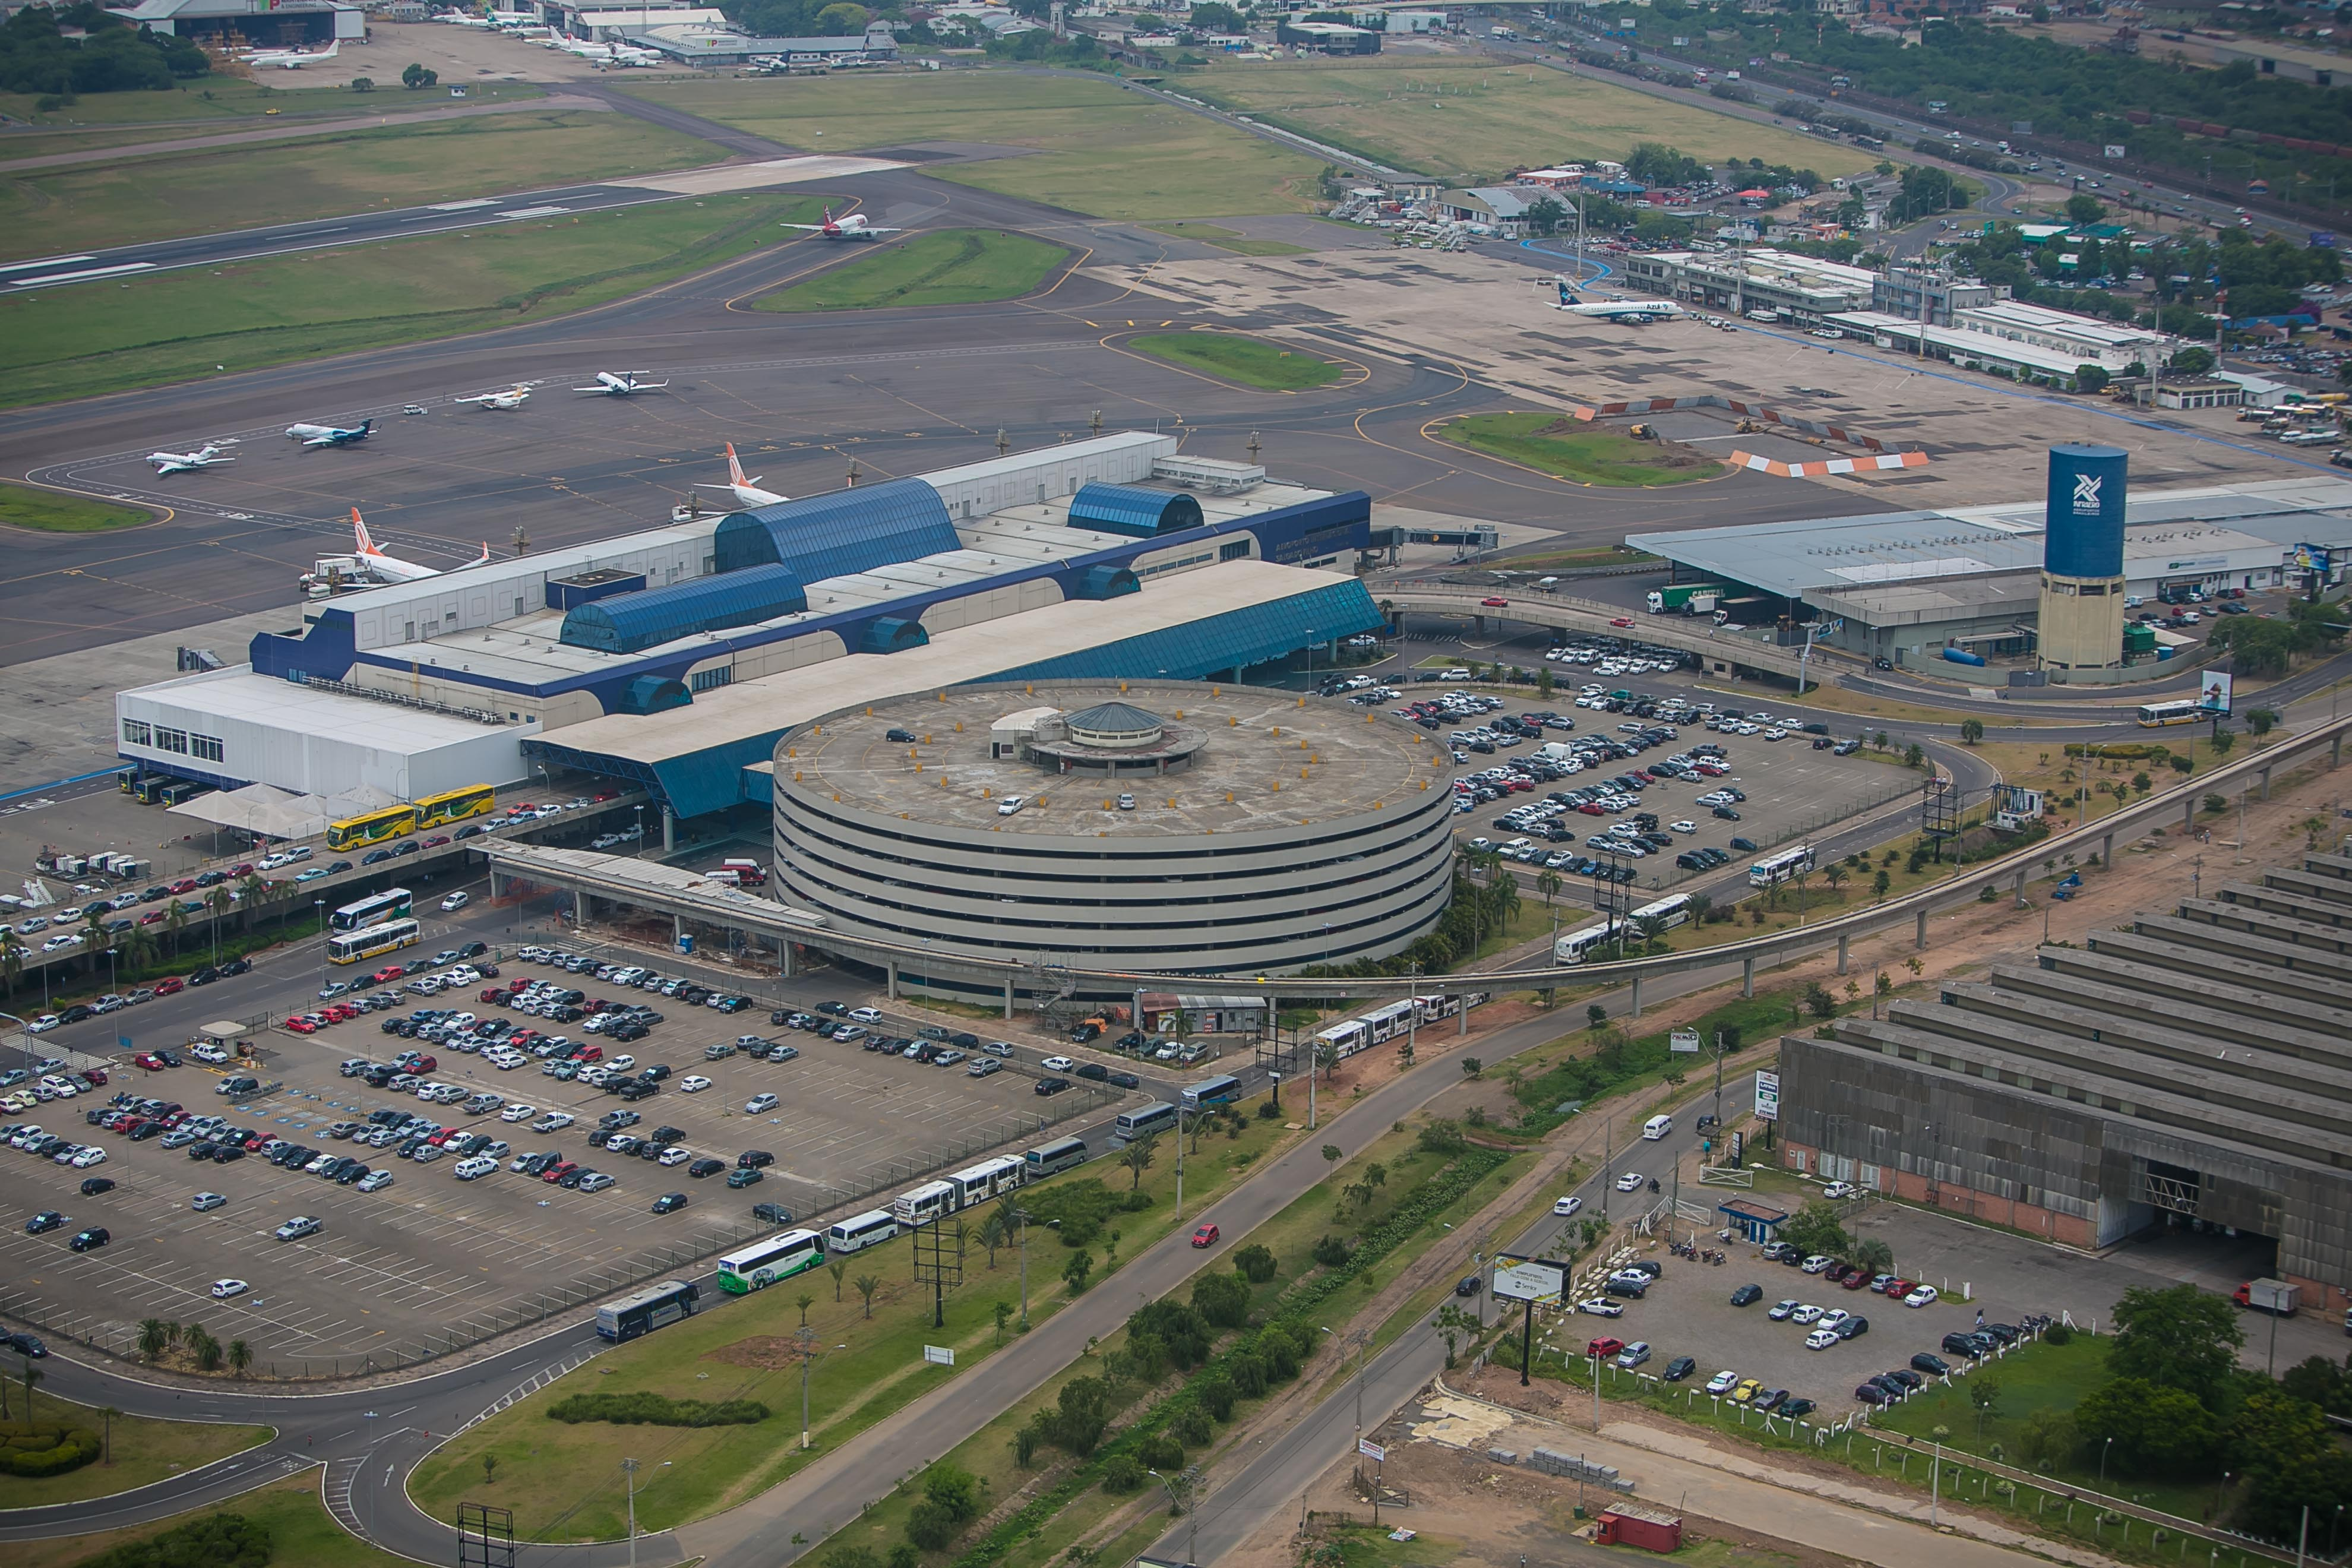 Aeroporto Internacional Salgado Filho Porto Alegre Rs Brasil : Terminal de cargas do aeroporto porto alegre registra